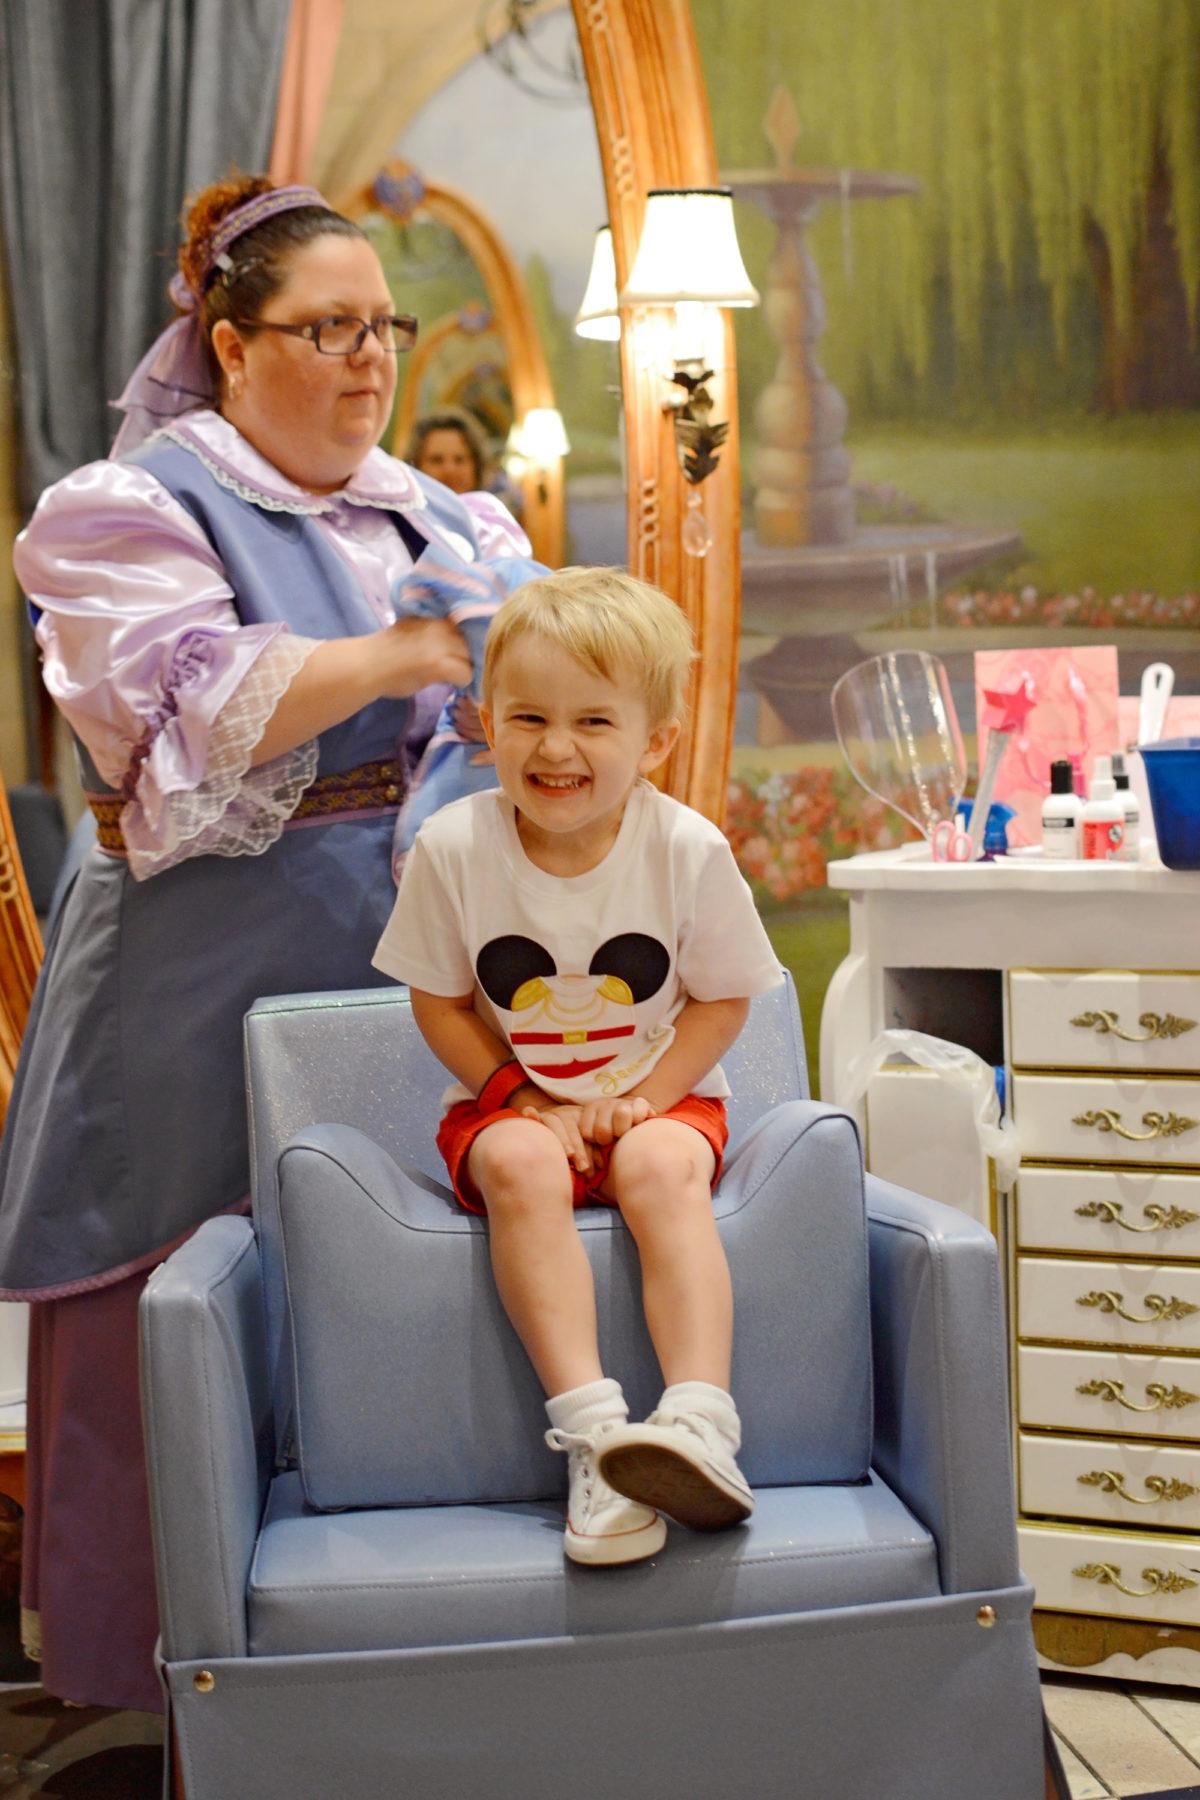 Bibbidi Bobbidi Boutique Chair Prince and Knight